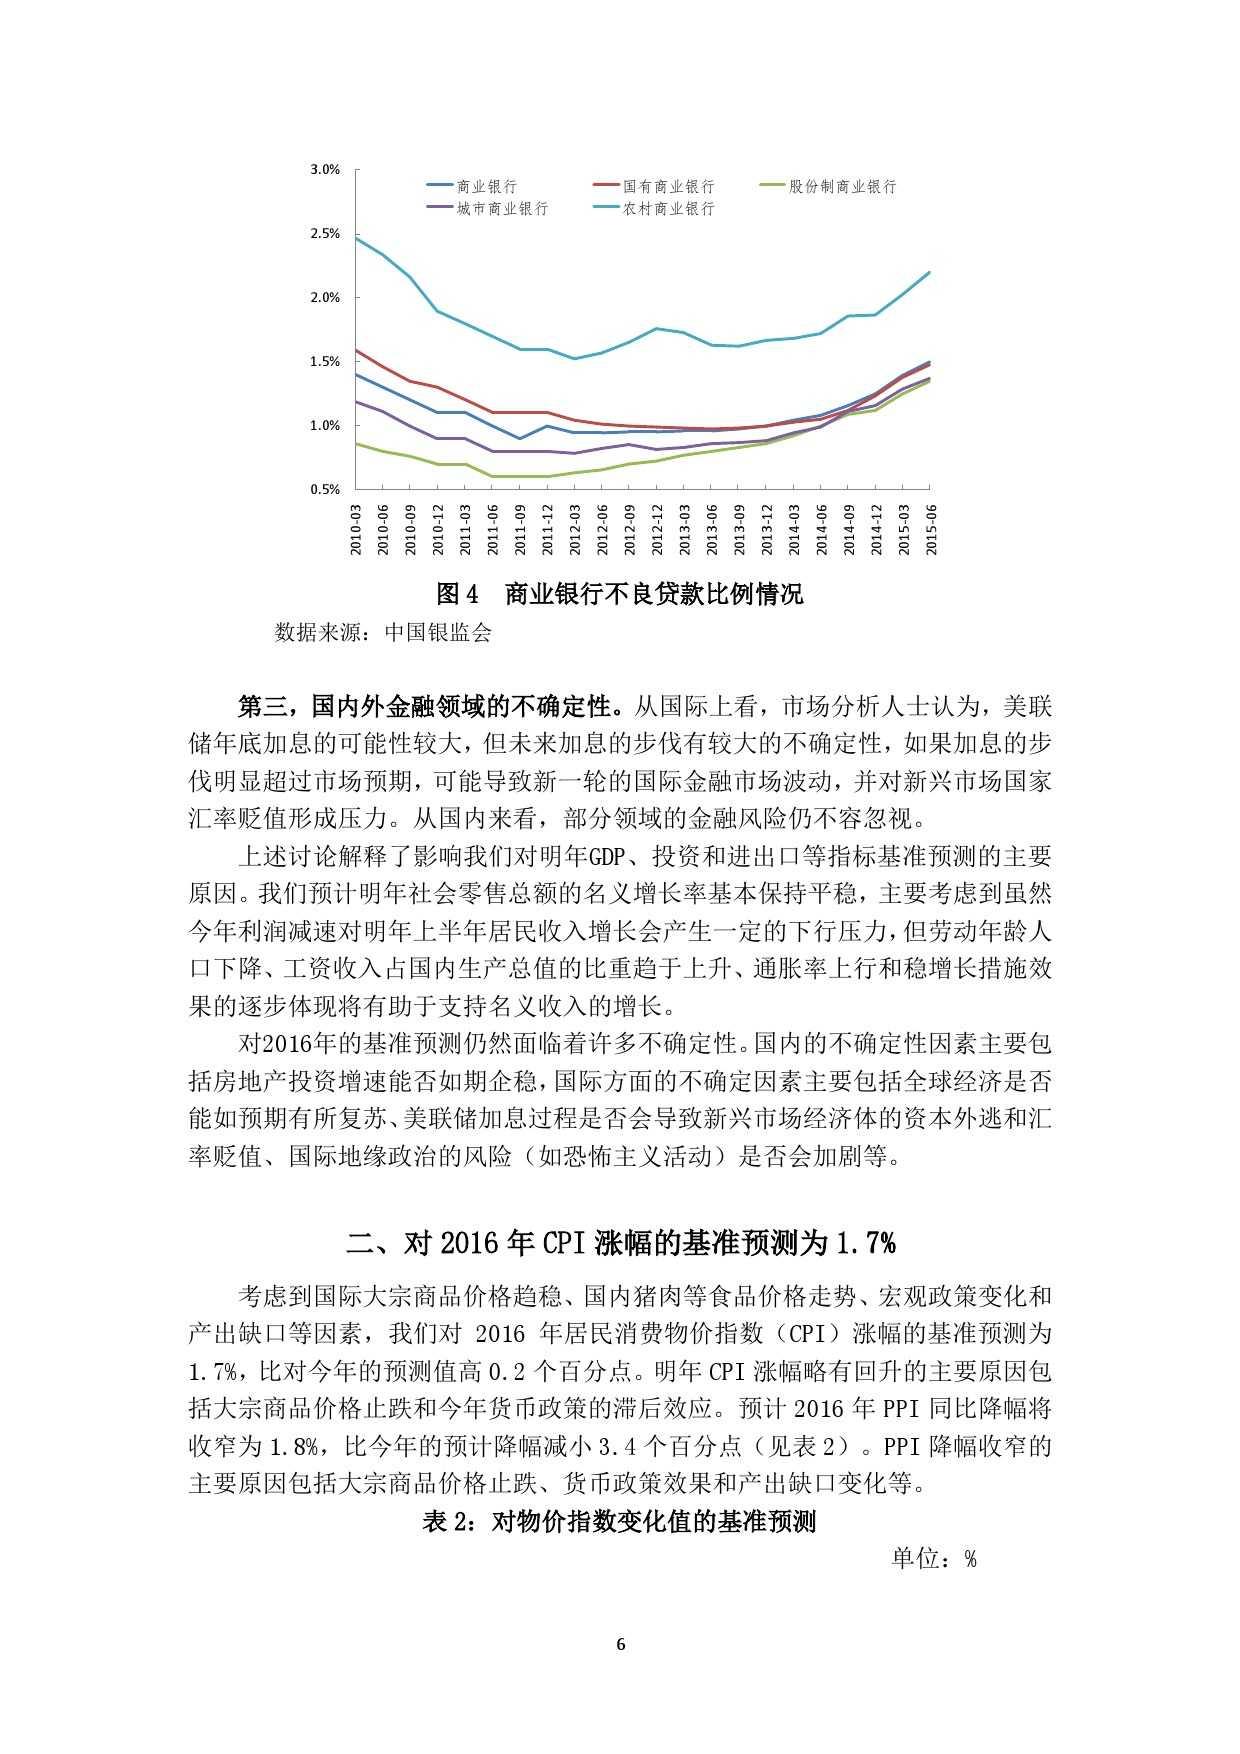 中国人民银行:2016 年中国宏观经济预测_000006